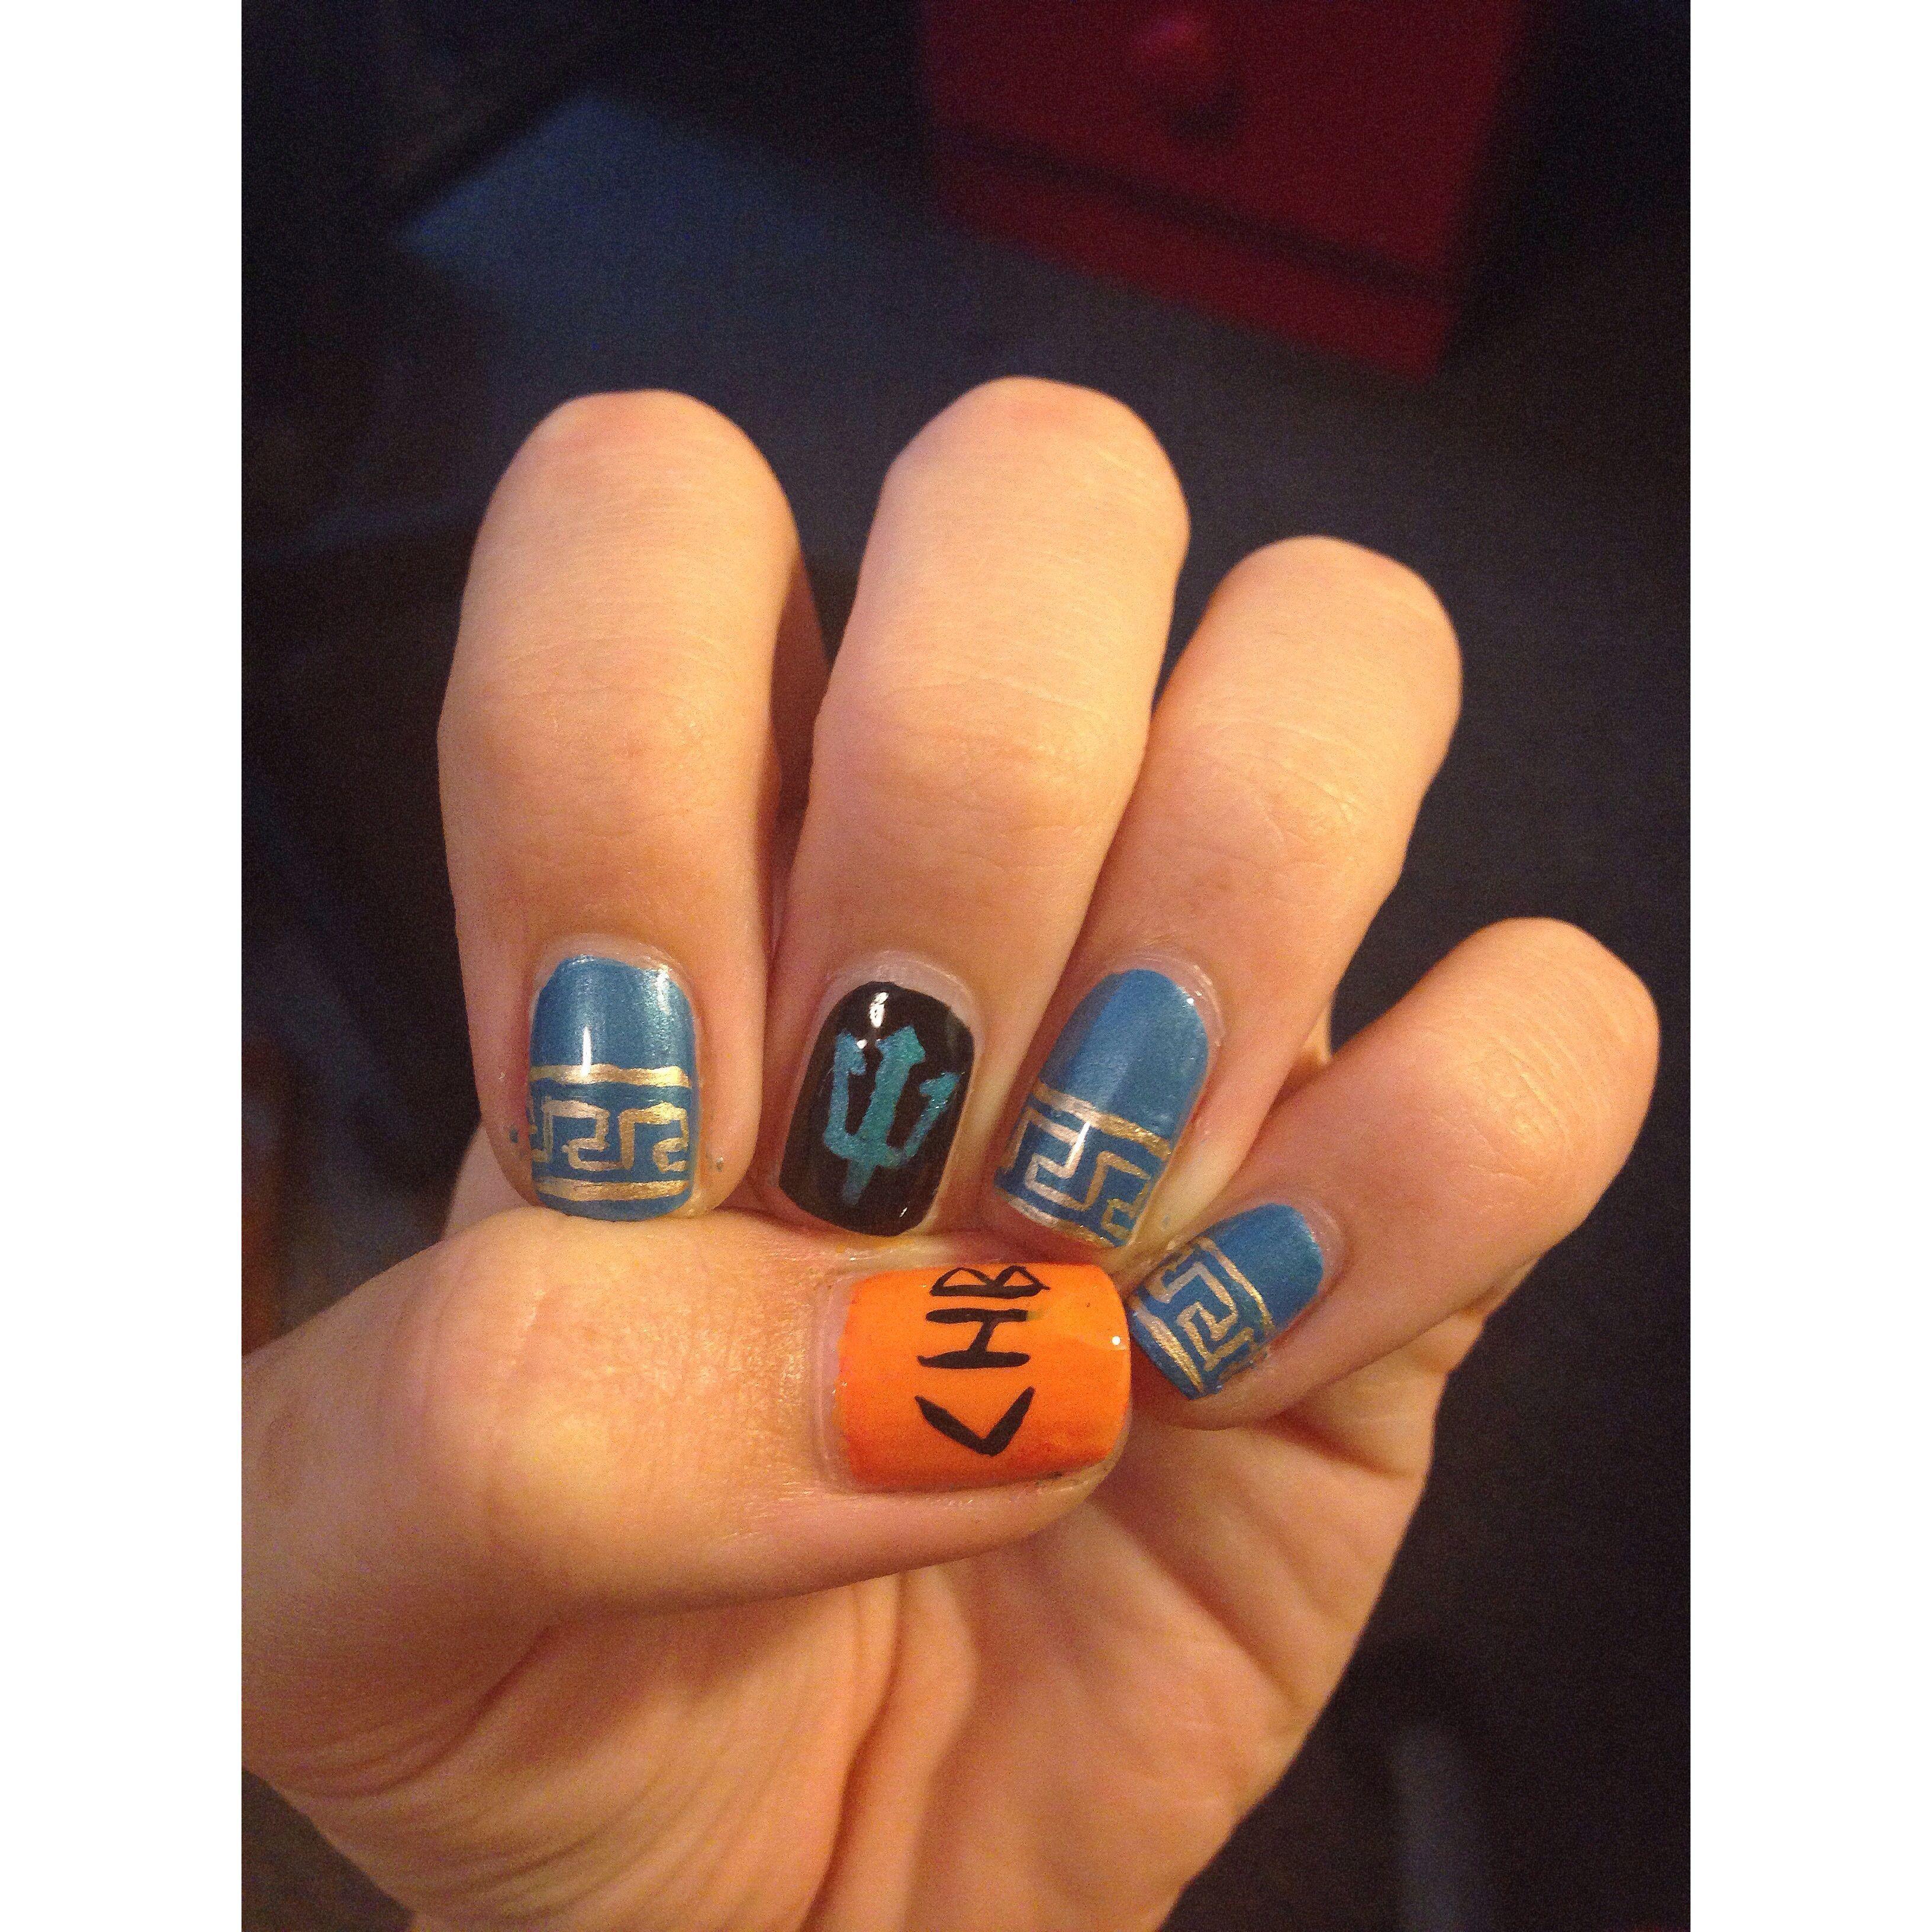 Percy Jackson nails | Nails | Pinterest | Percy jackson, Jackson and ...